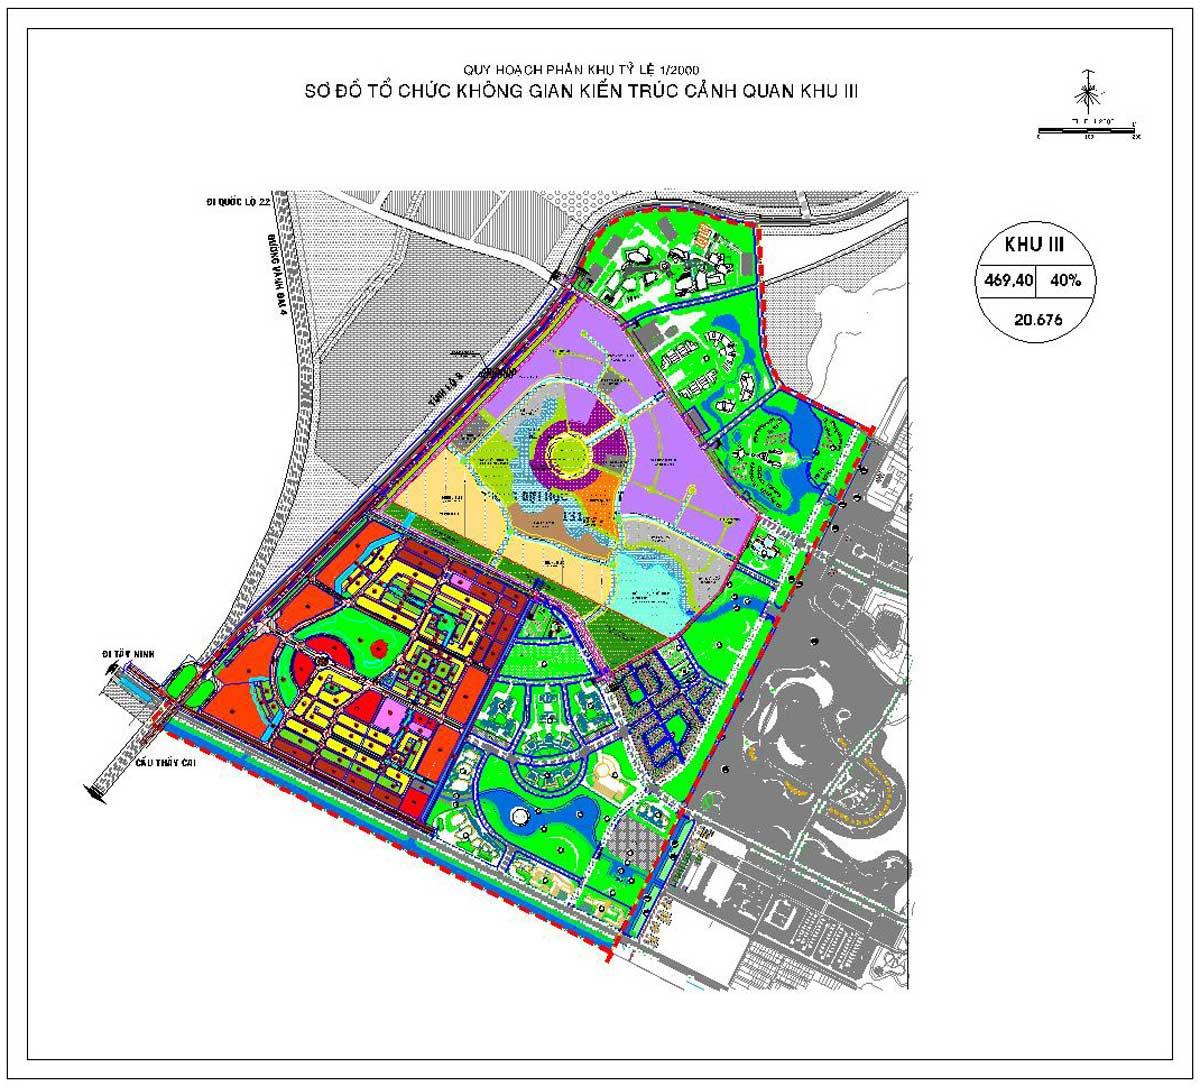 Phân khu chức năng số 3 Dự án Khu đô thị Vinhomes cu chi